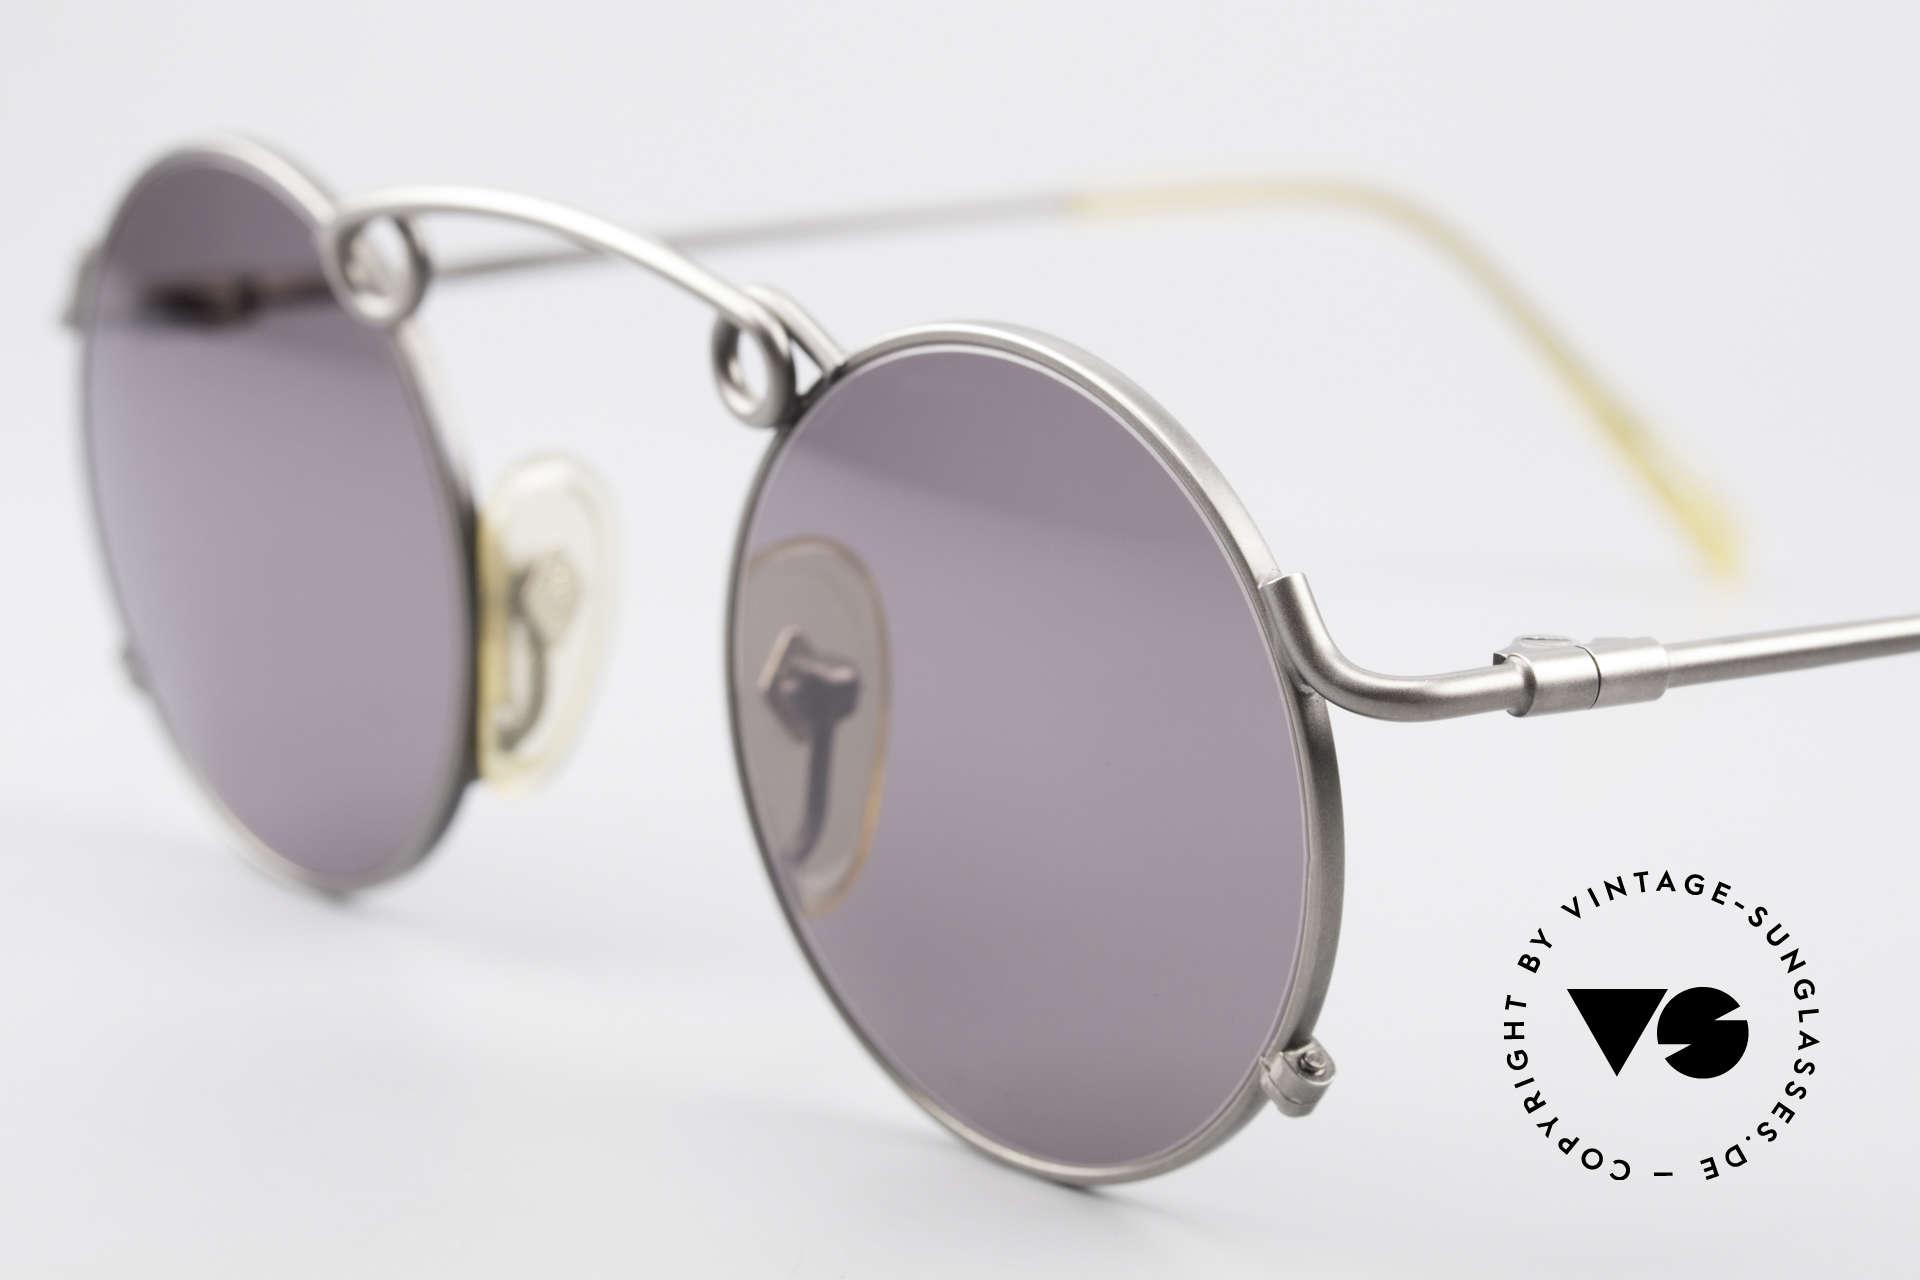 Jean Paul Gaultier 56-1178 Kunstvolle Panto Sonnenbrille, ungetragen (wie alle unsere Designer-Sonnenbrillen), Passend für Herren und Damen